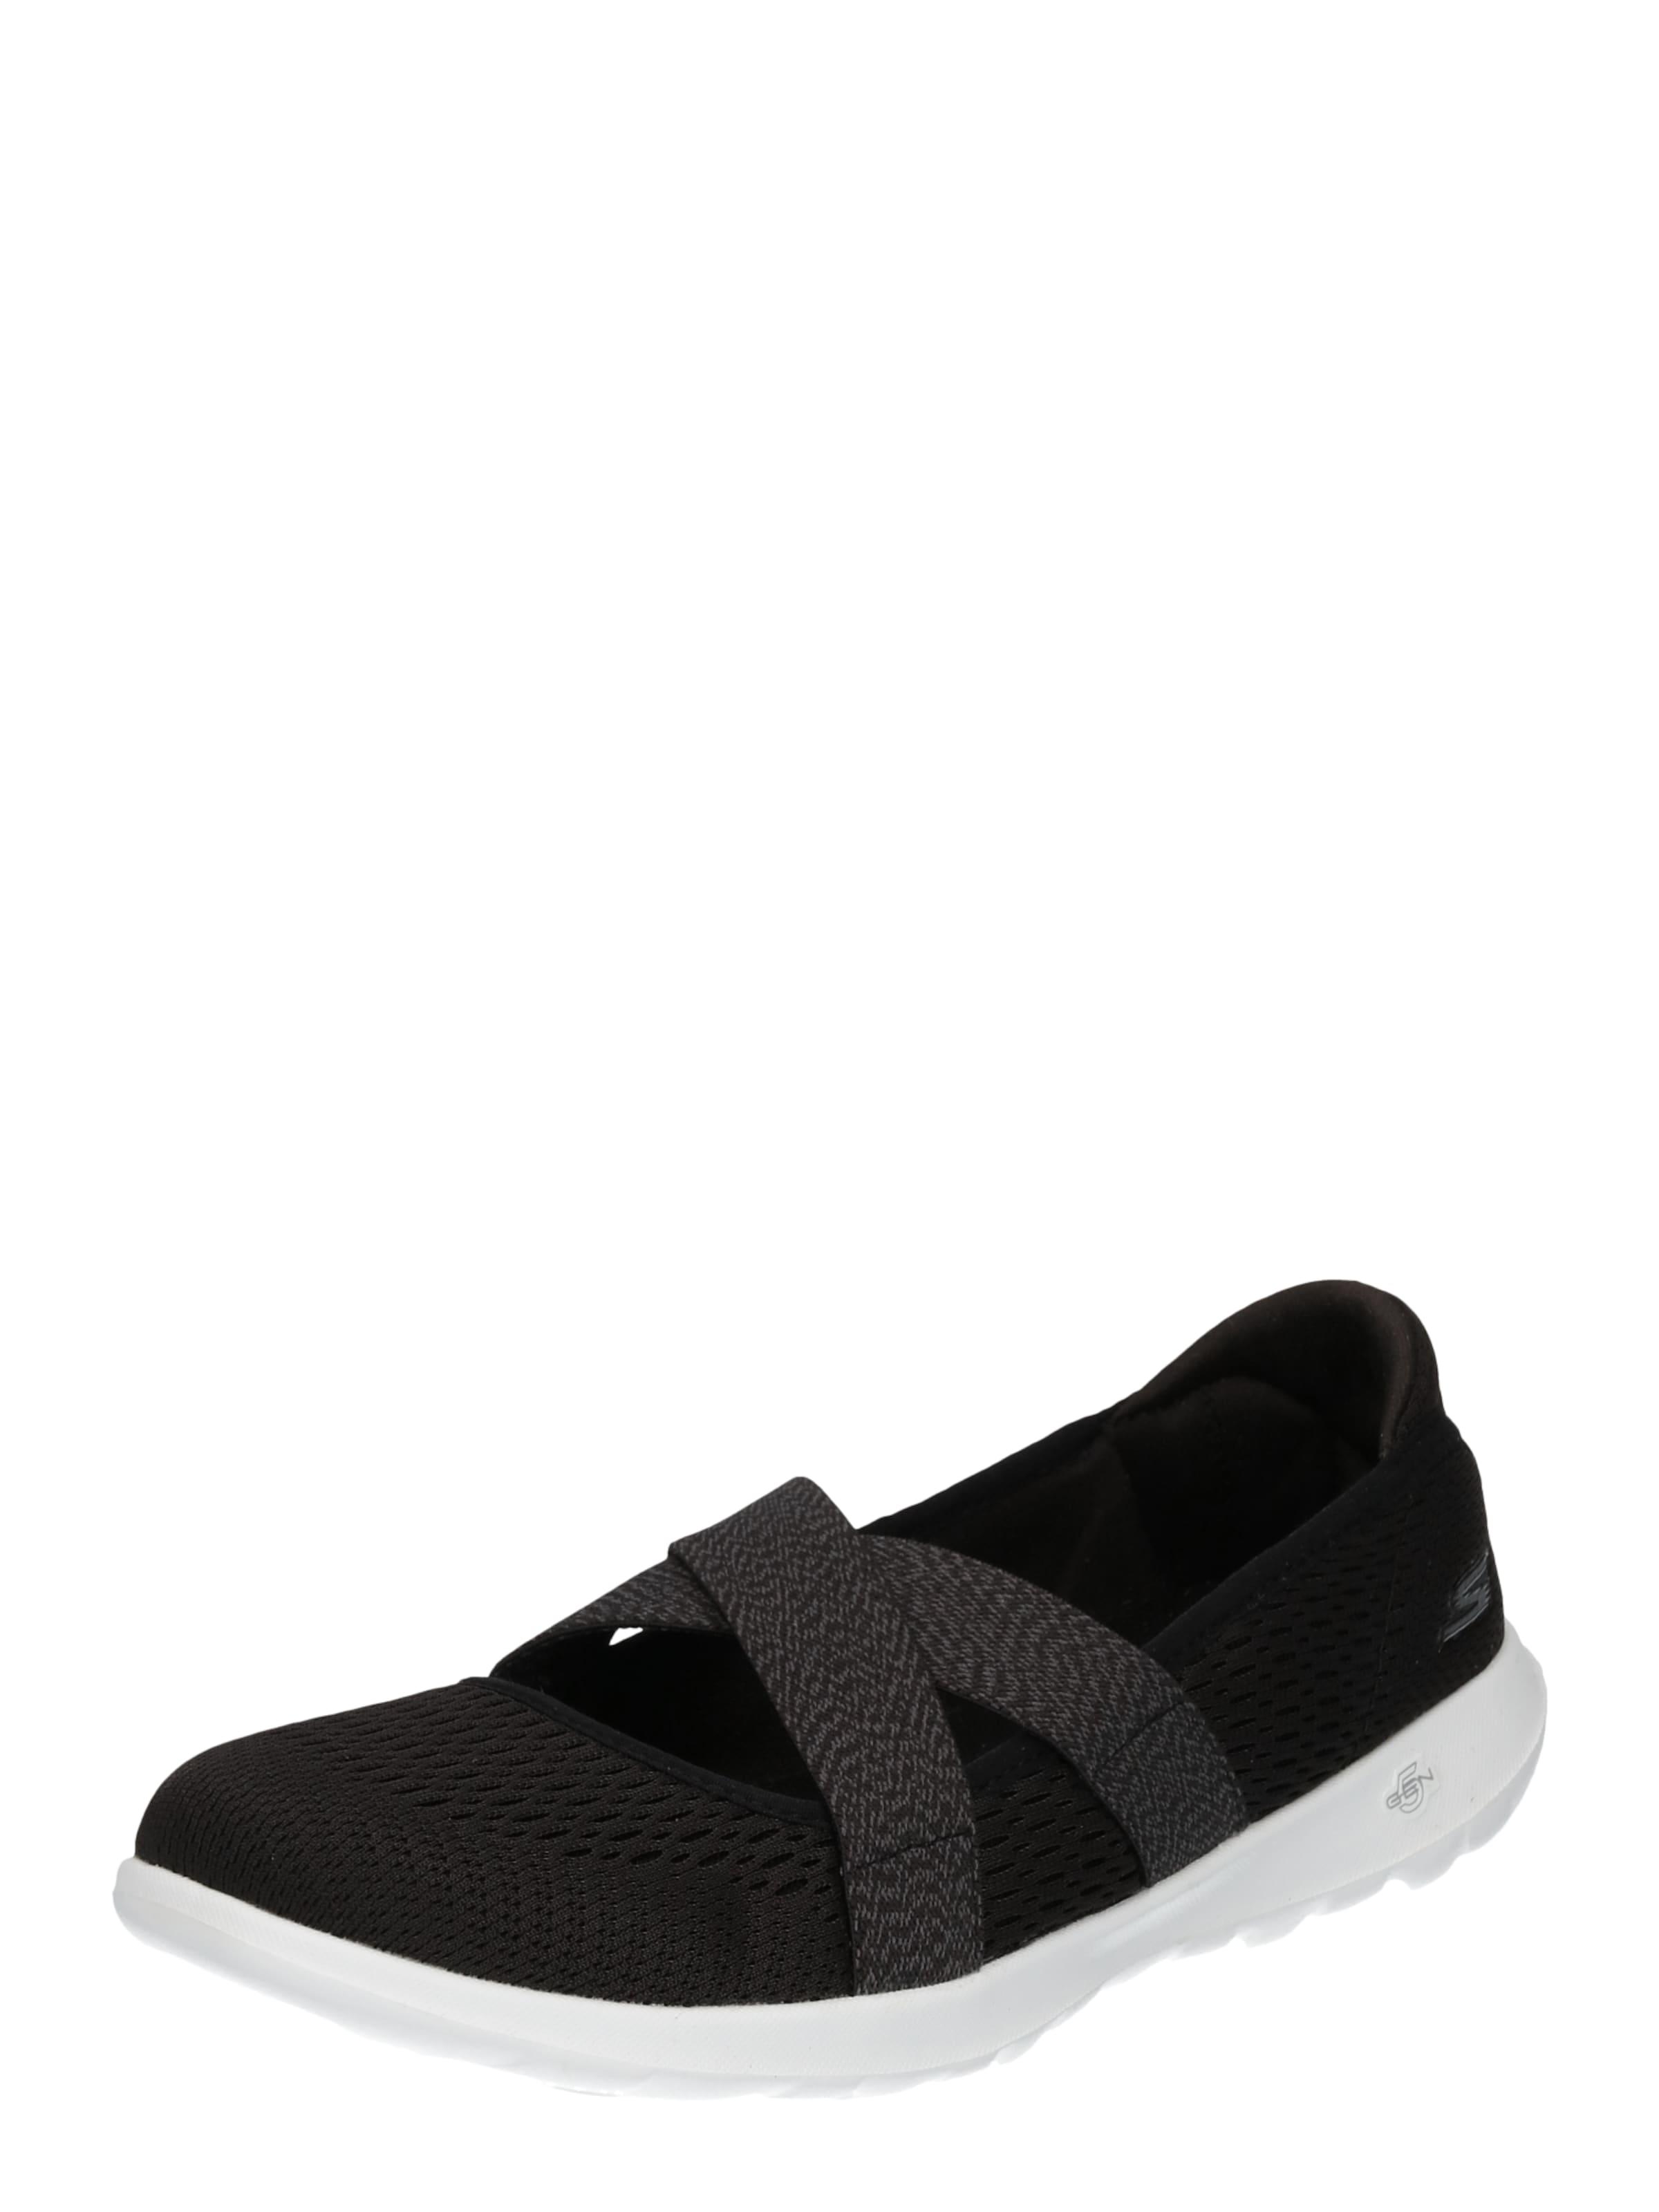 SKECHERS Sneaker 'GO WALK LITE' mit Riemen Großer Verkauf VPympeaZH